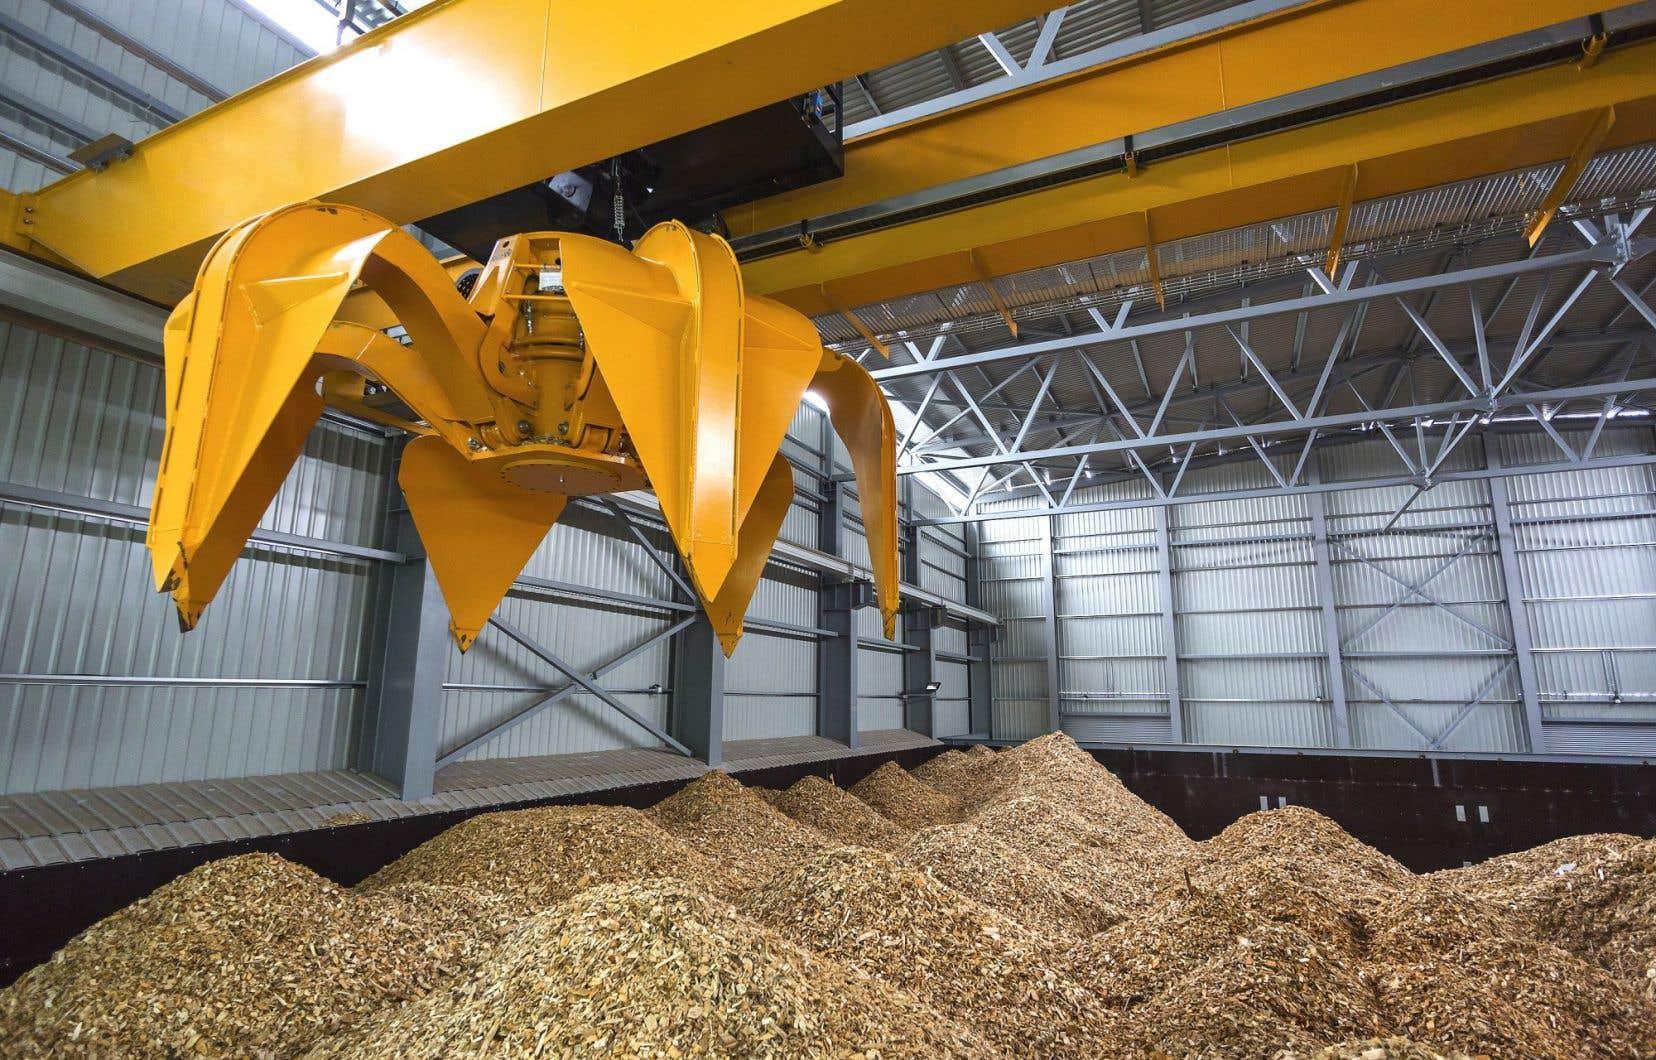 Les perspectives ne manquent pas pour la biomasse, mais l'économie tarde à tirer profit de la ressource forestière.